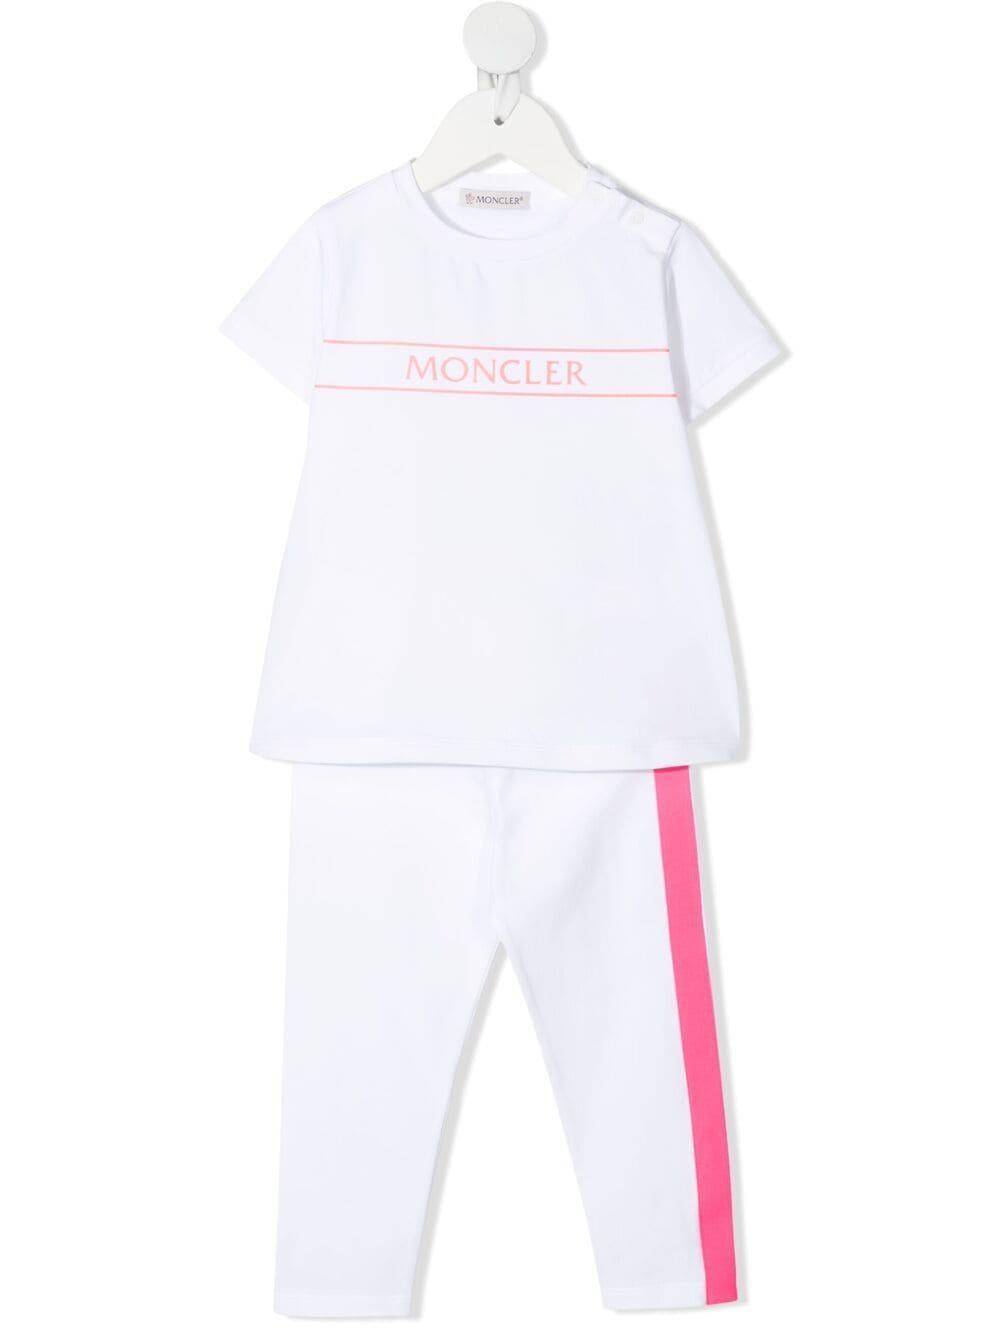 MONCLER KIDS |  | 8M762108790N002